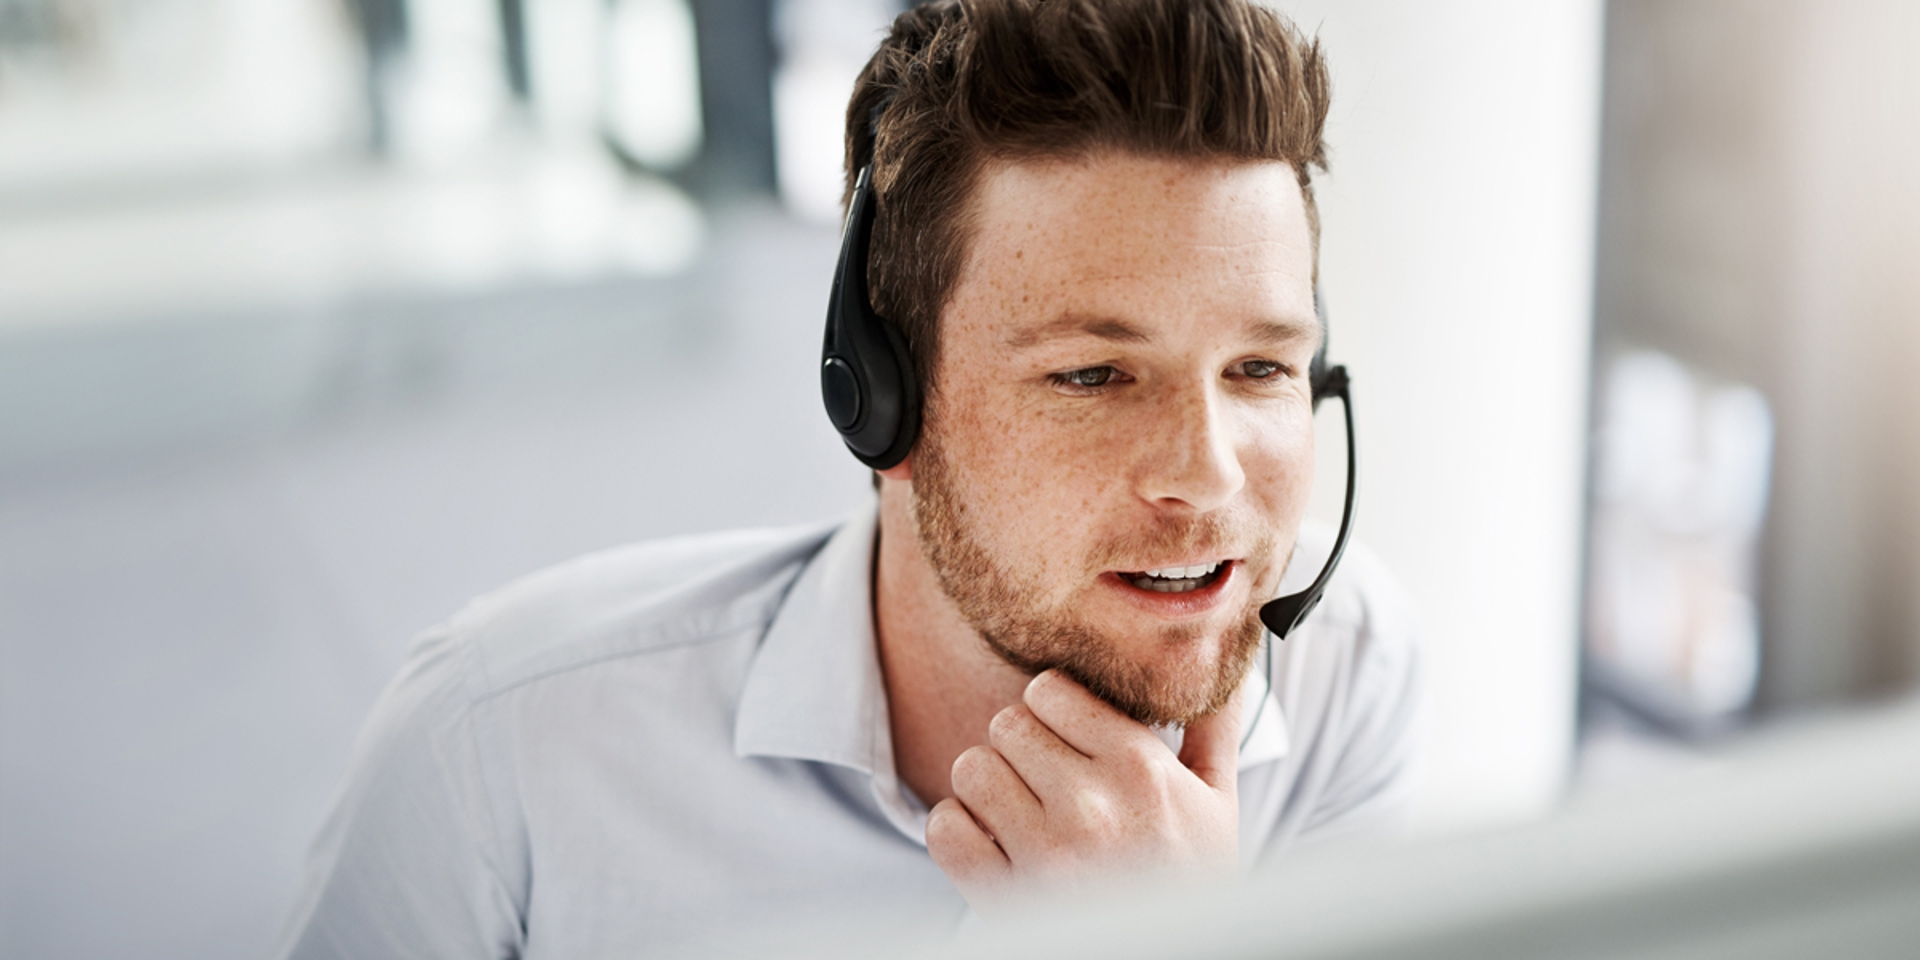 rekruttering_bemanning_kundeservice